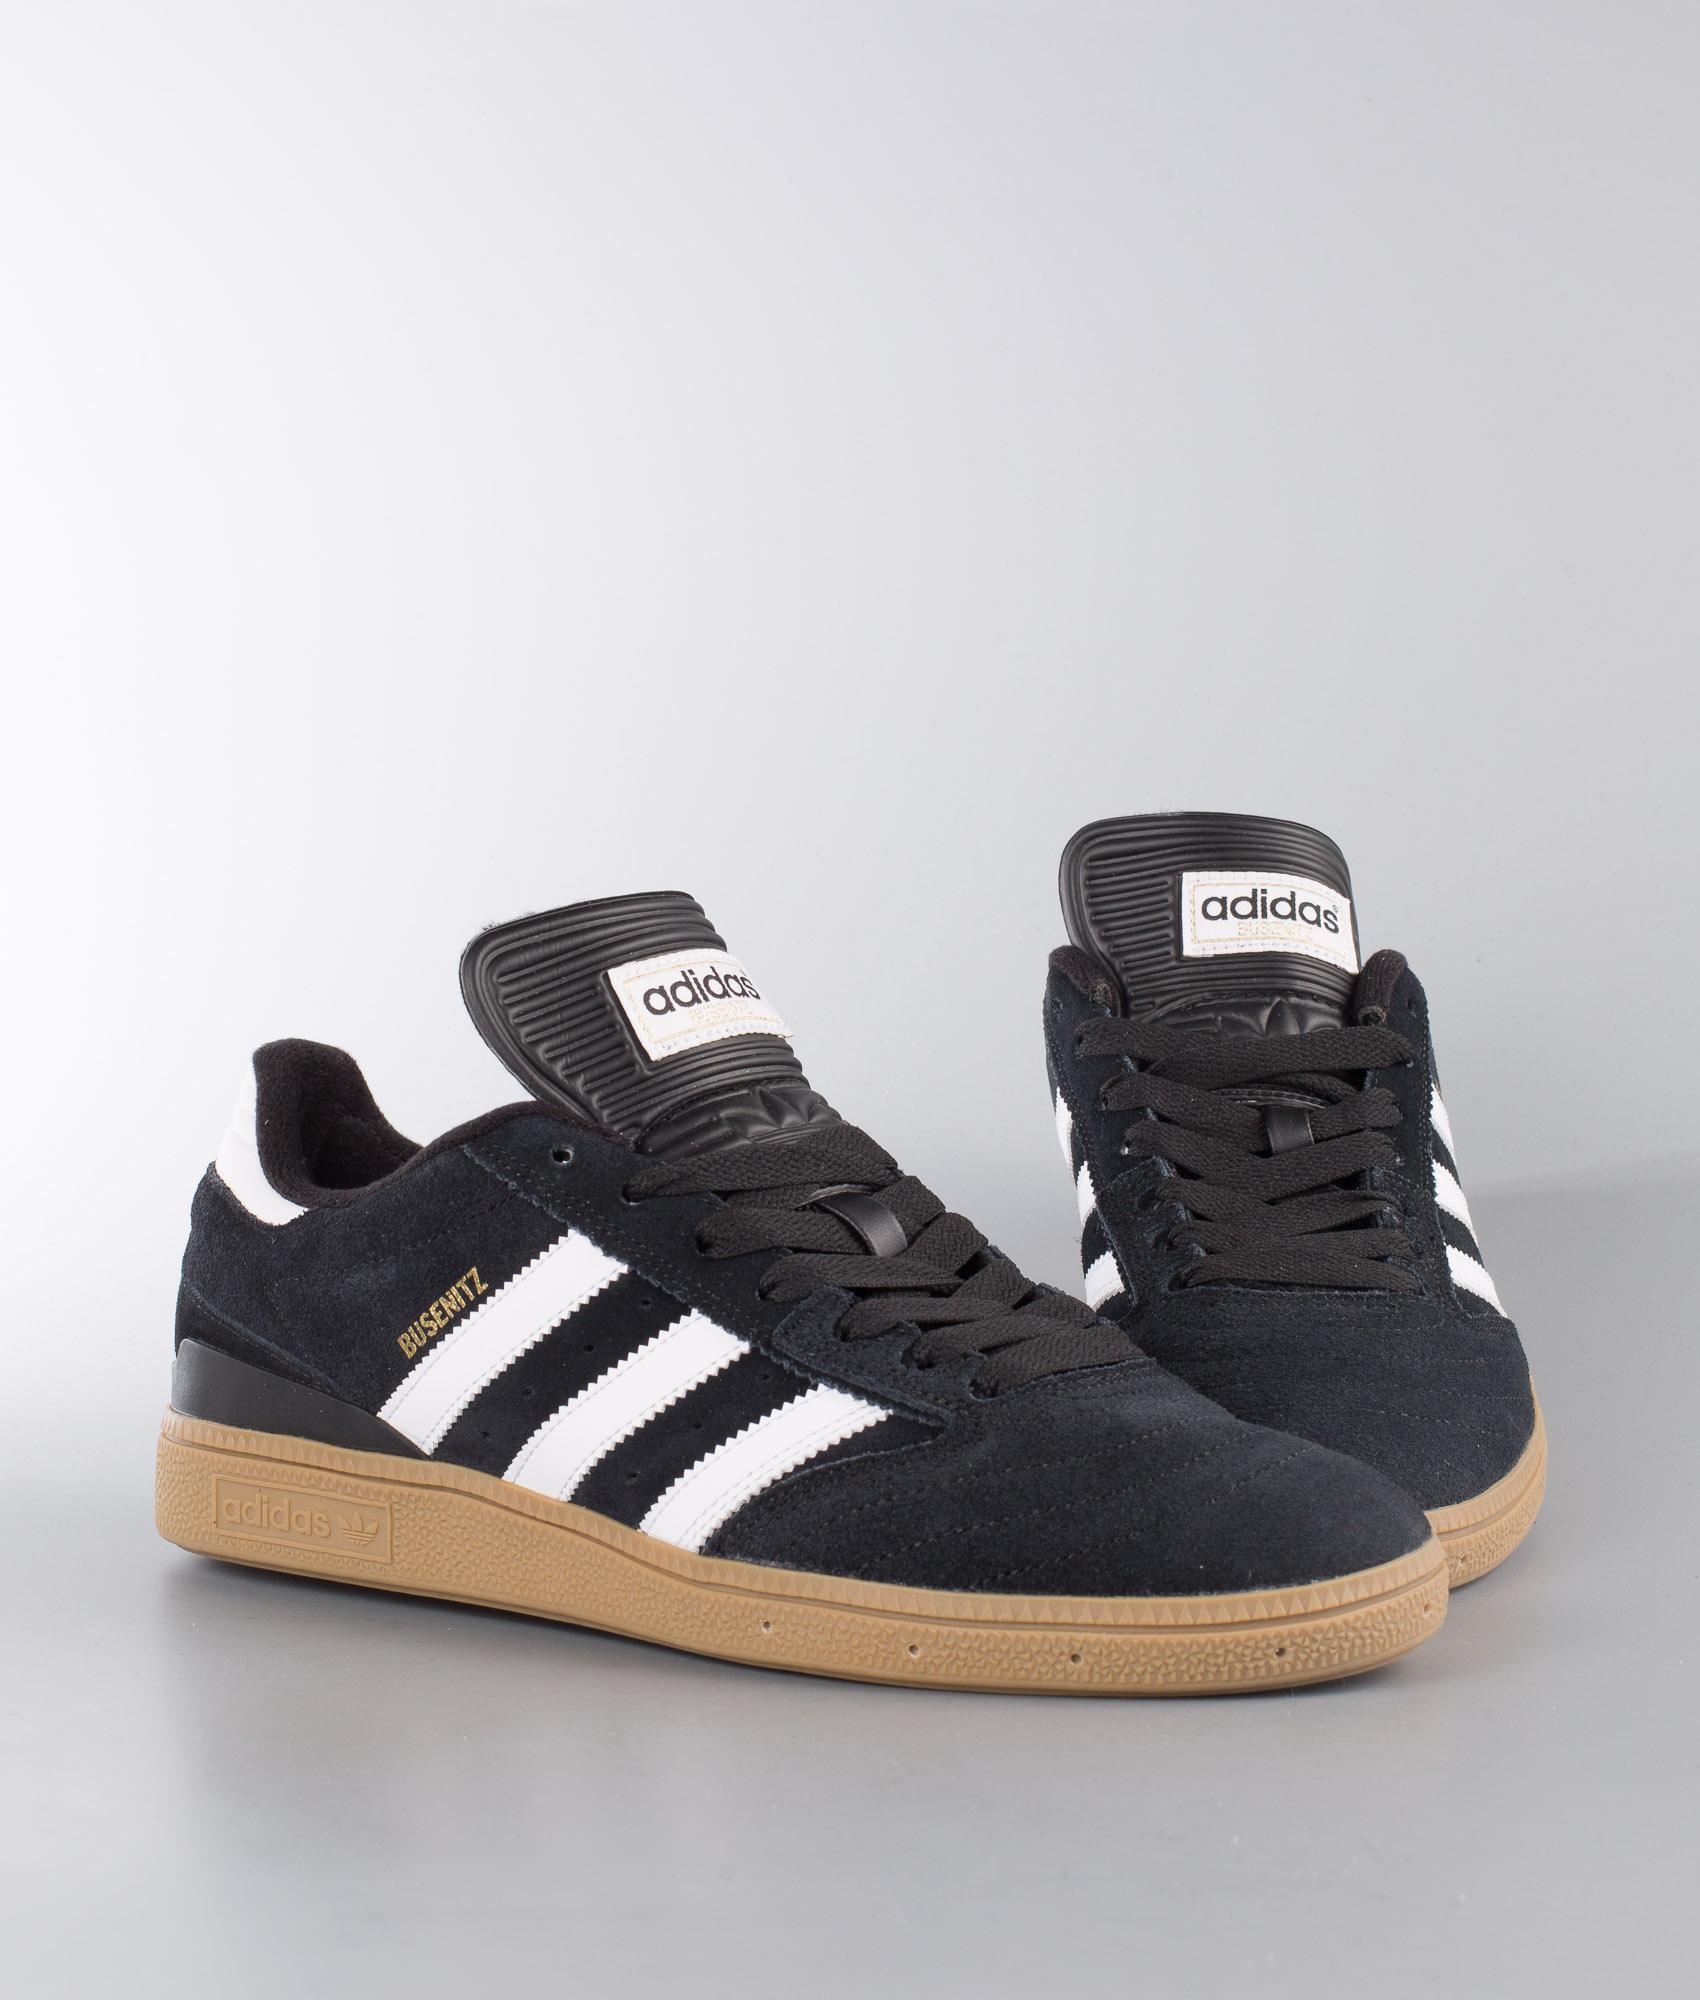 promo code 3e394 6e5c7 adidas skateboarding busenitz scarpe